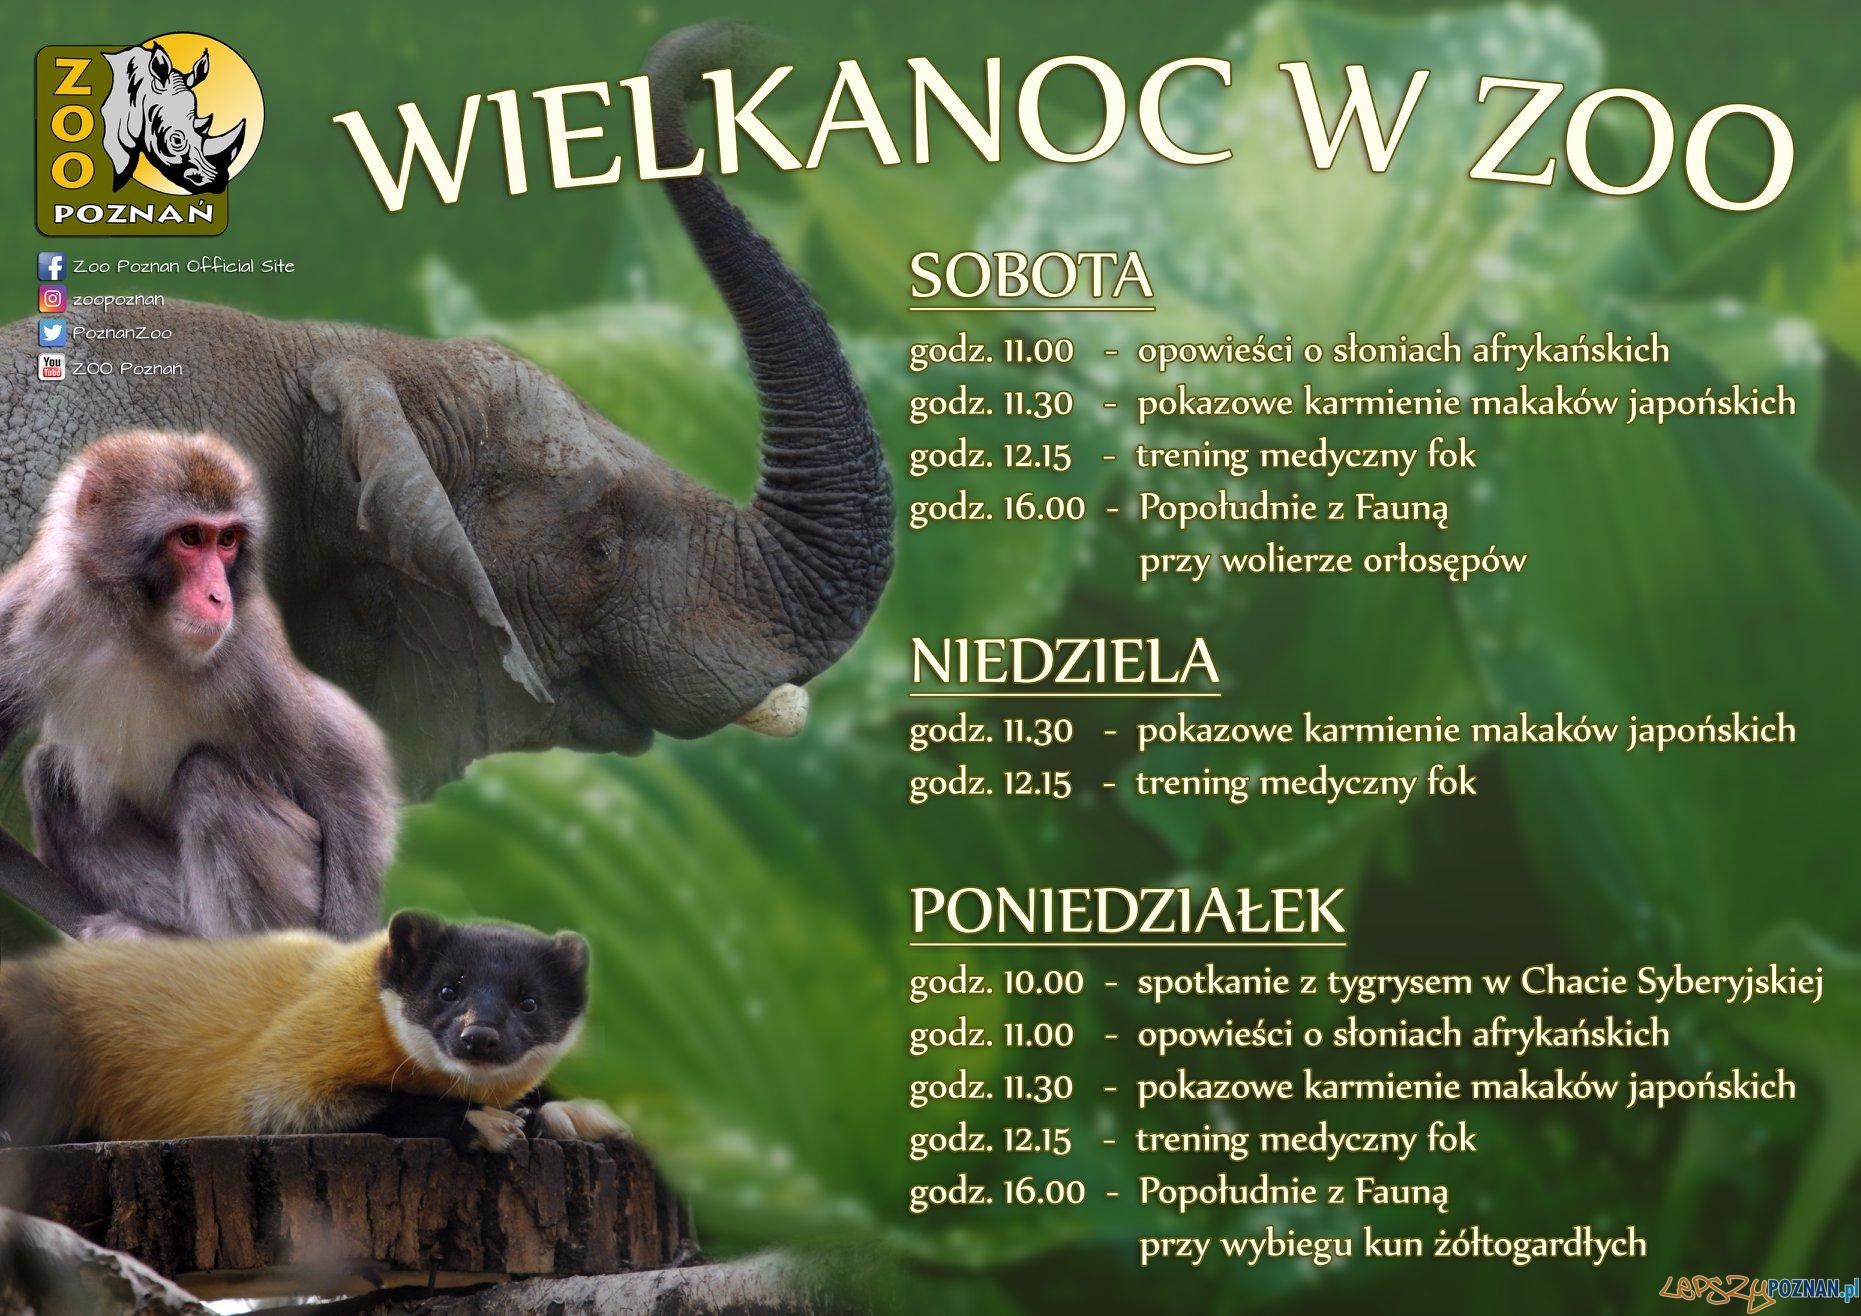 Wielkanoc w Zoo  Foto: materiały prasowe